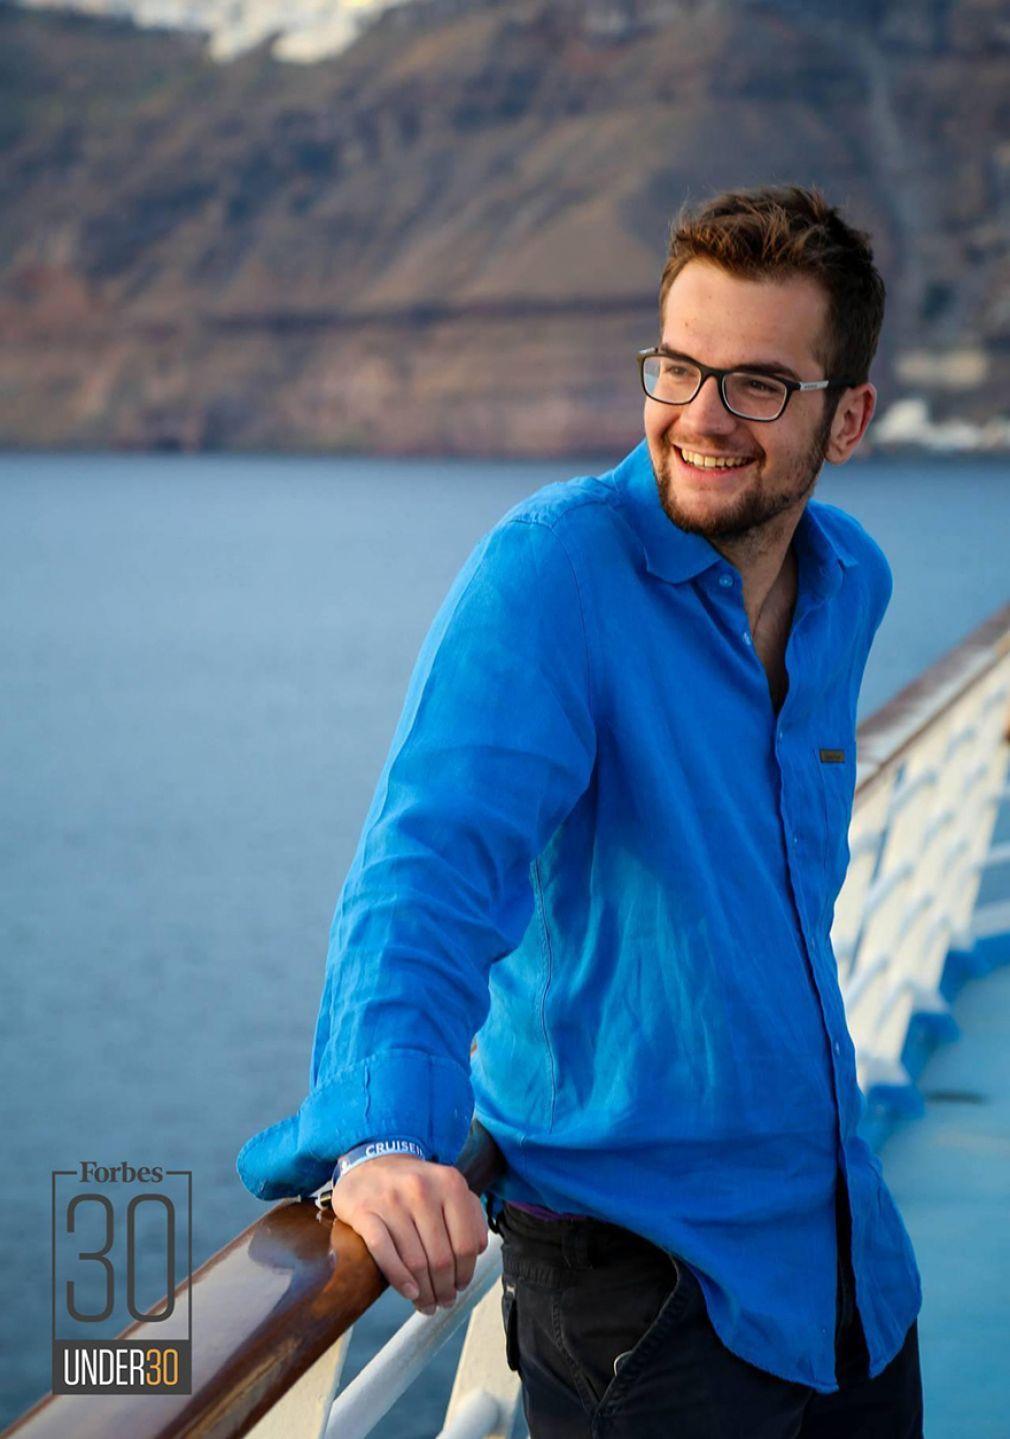 Ο 24χρονος Έλληνας που μπήκε στη λίστα του Forbes «30 Under 30»